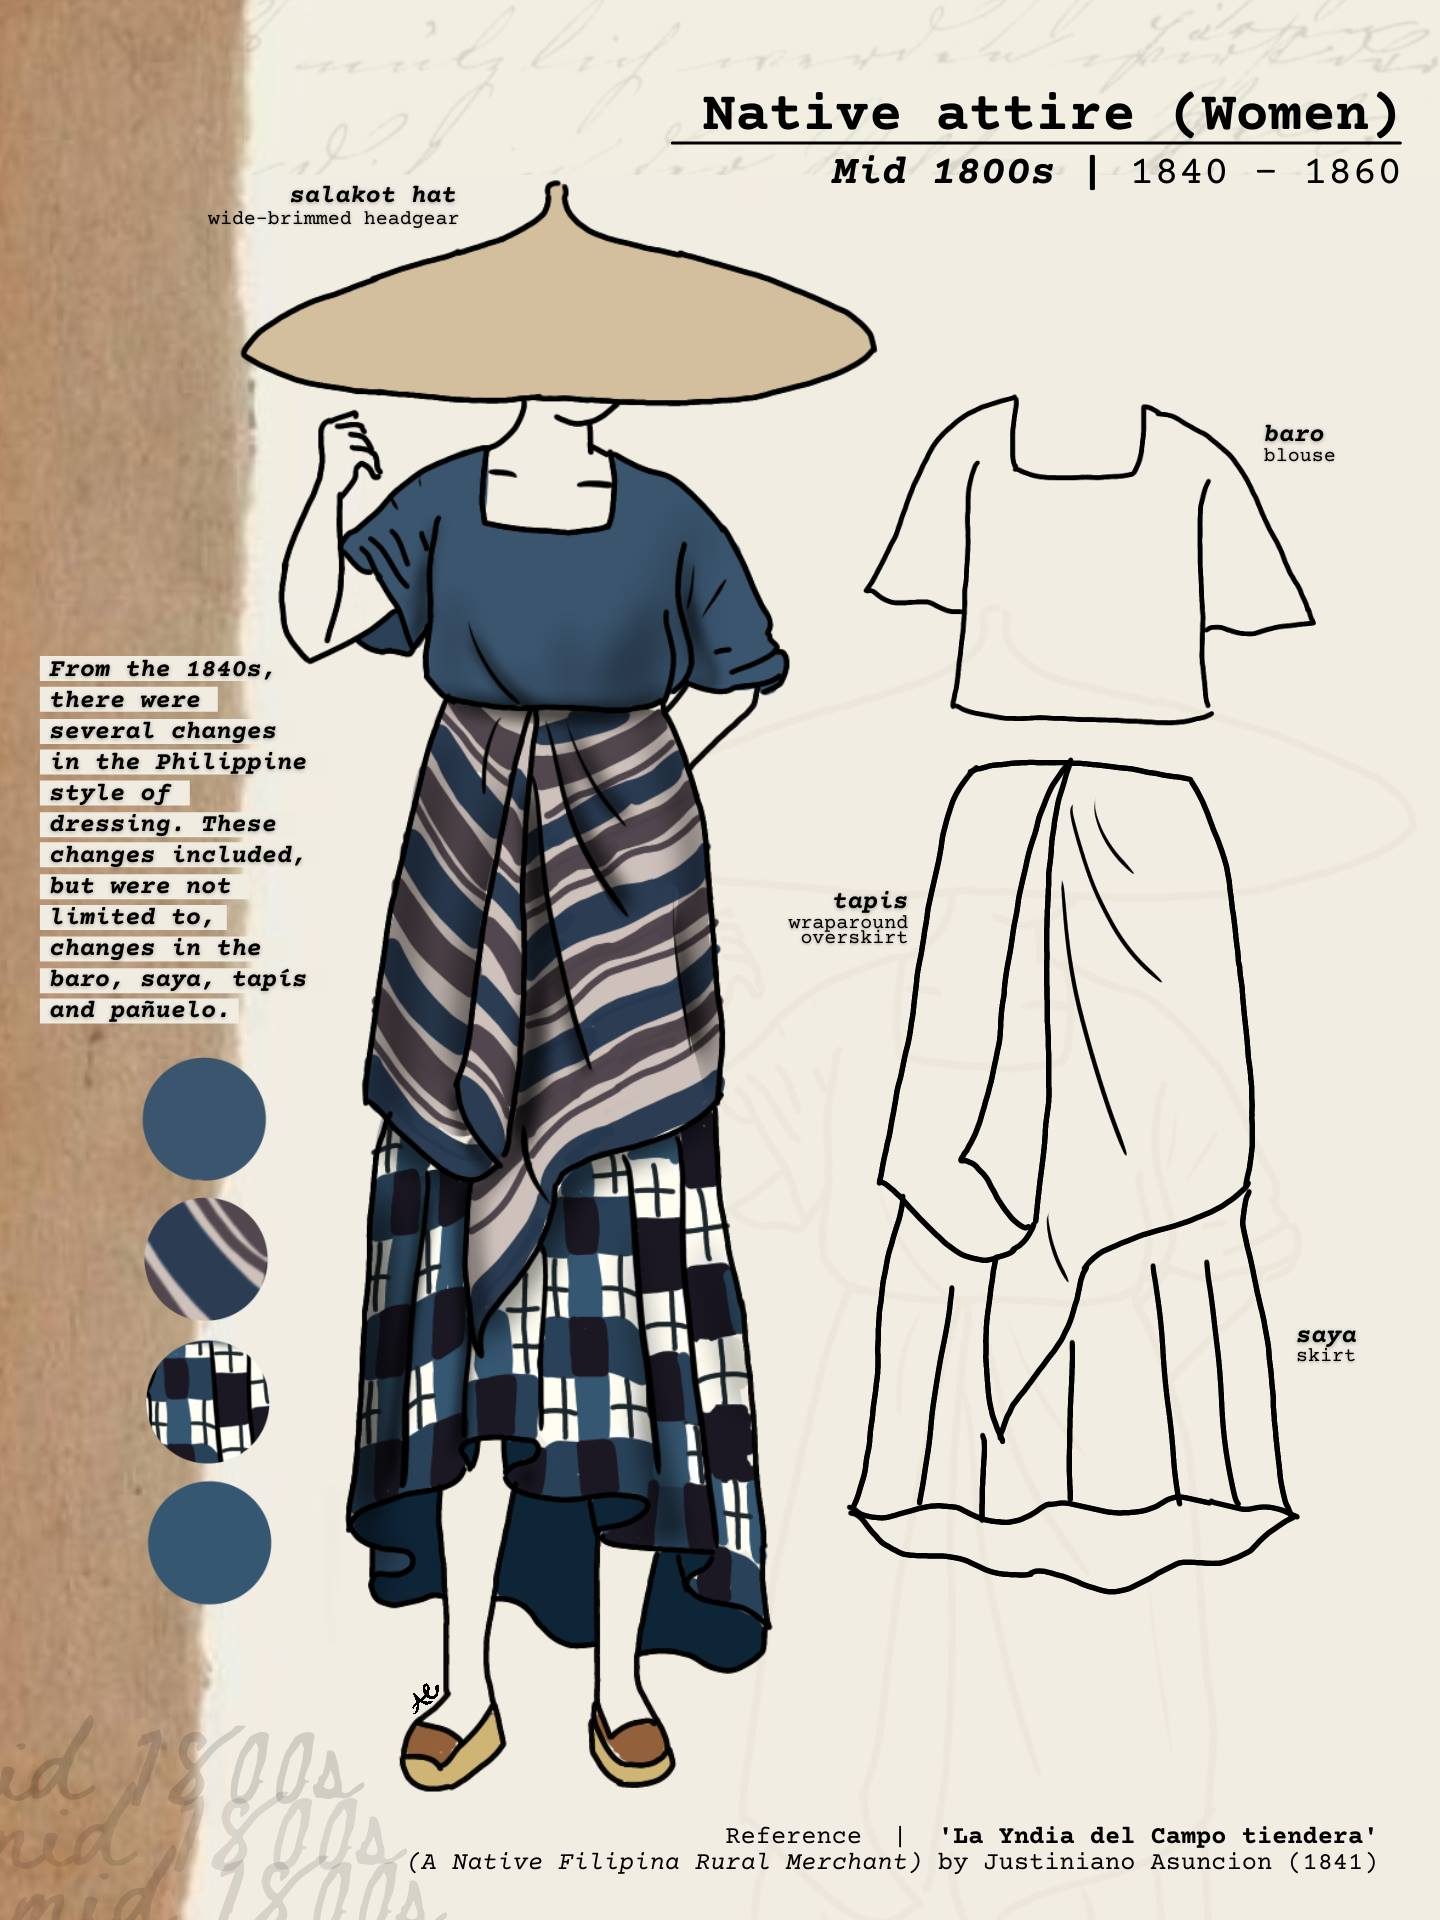 Native Attire for Women (mid-1800s)